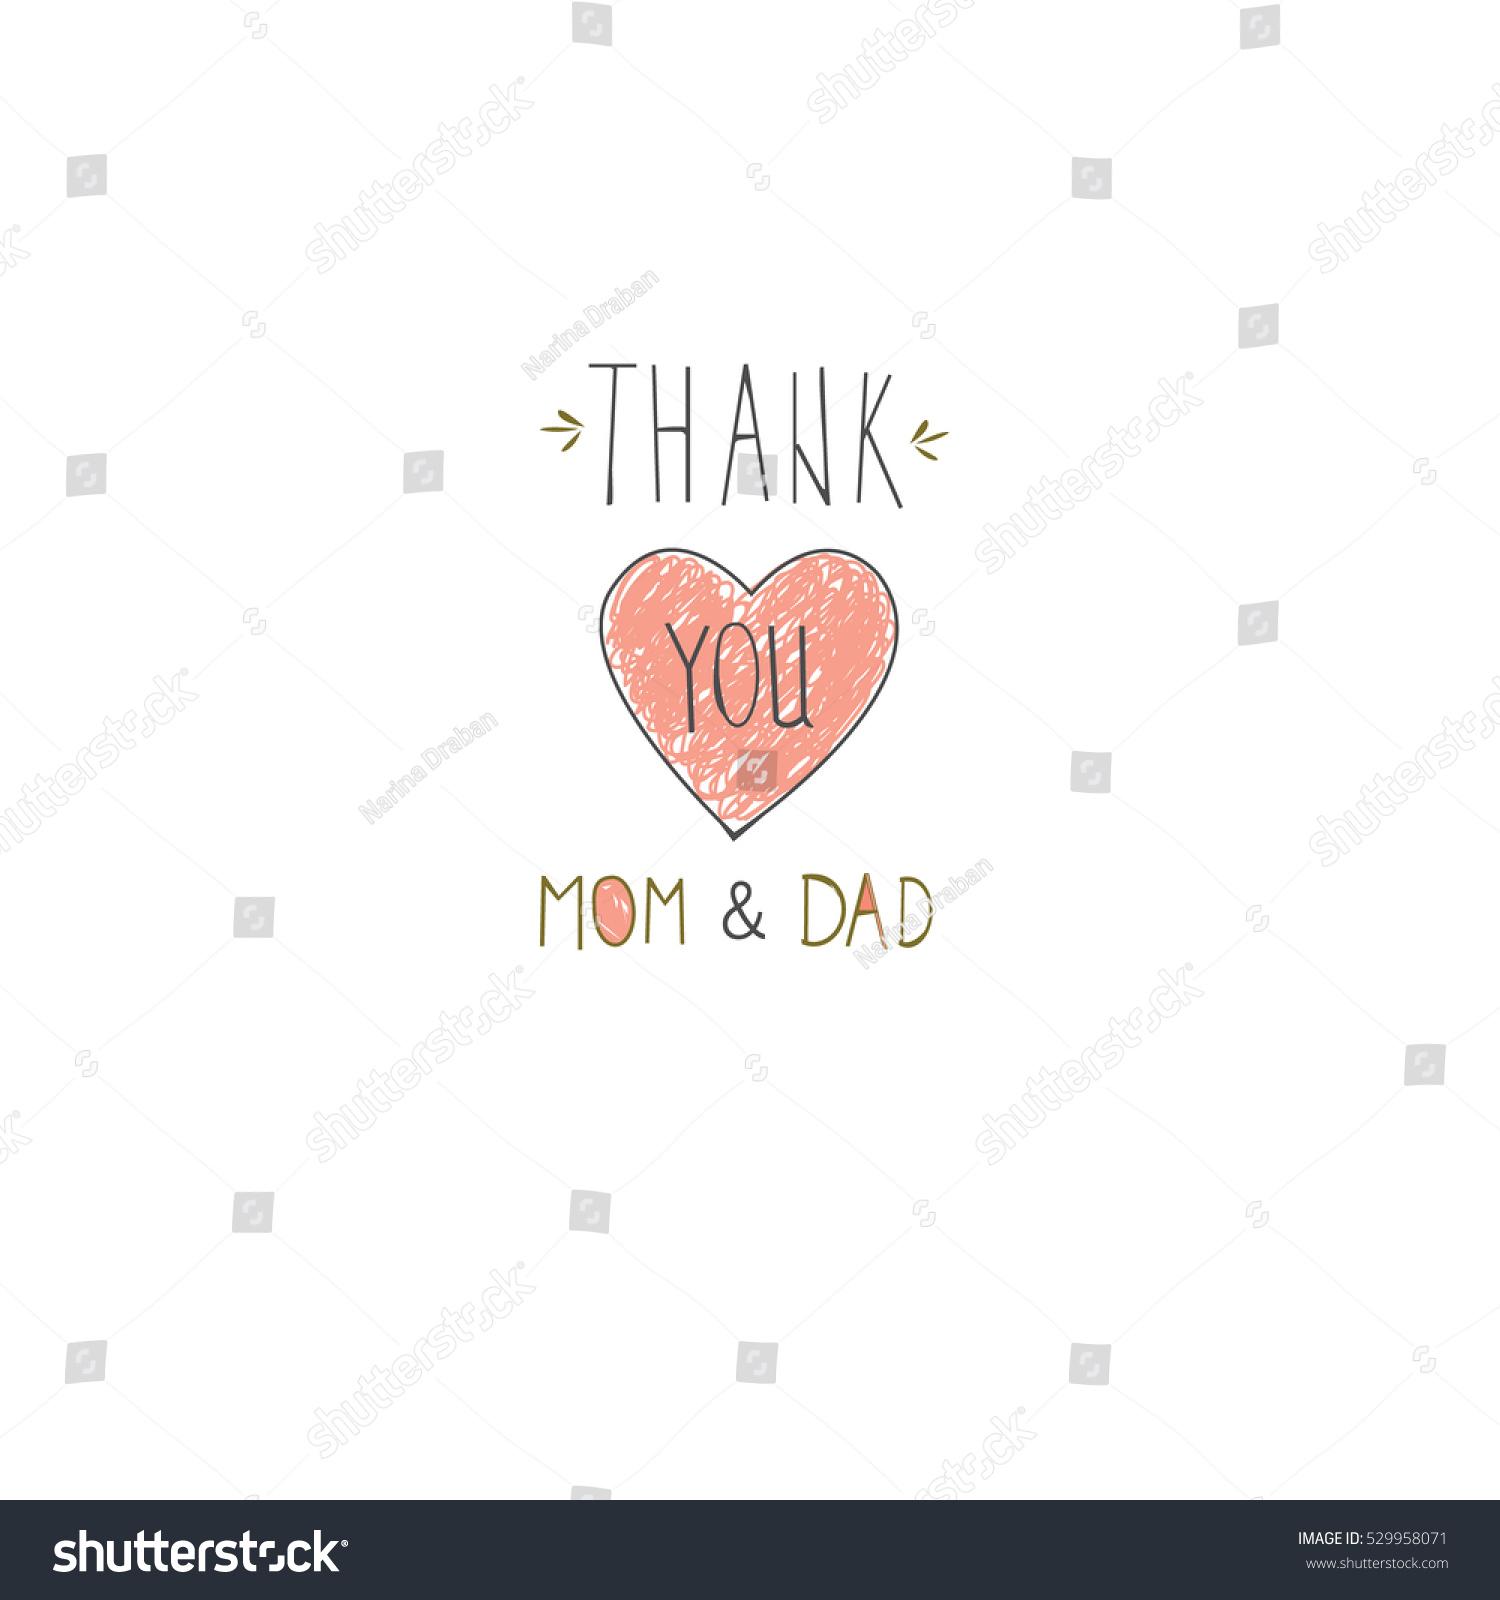 Thank You Mom Dad Design Congratulate Stock Vector